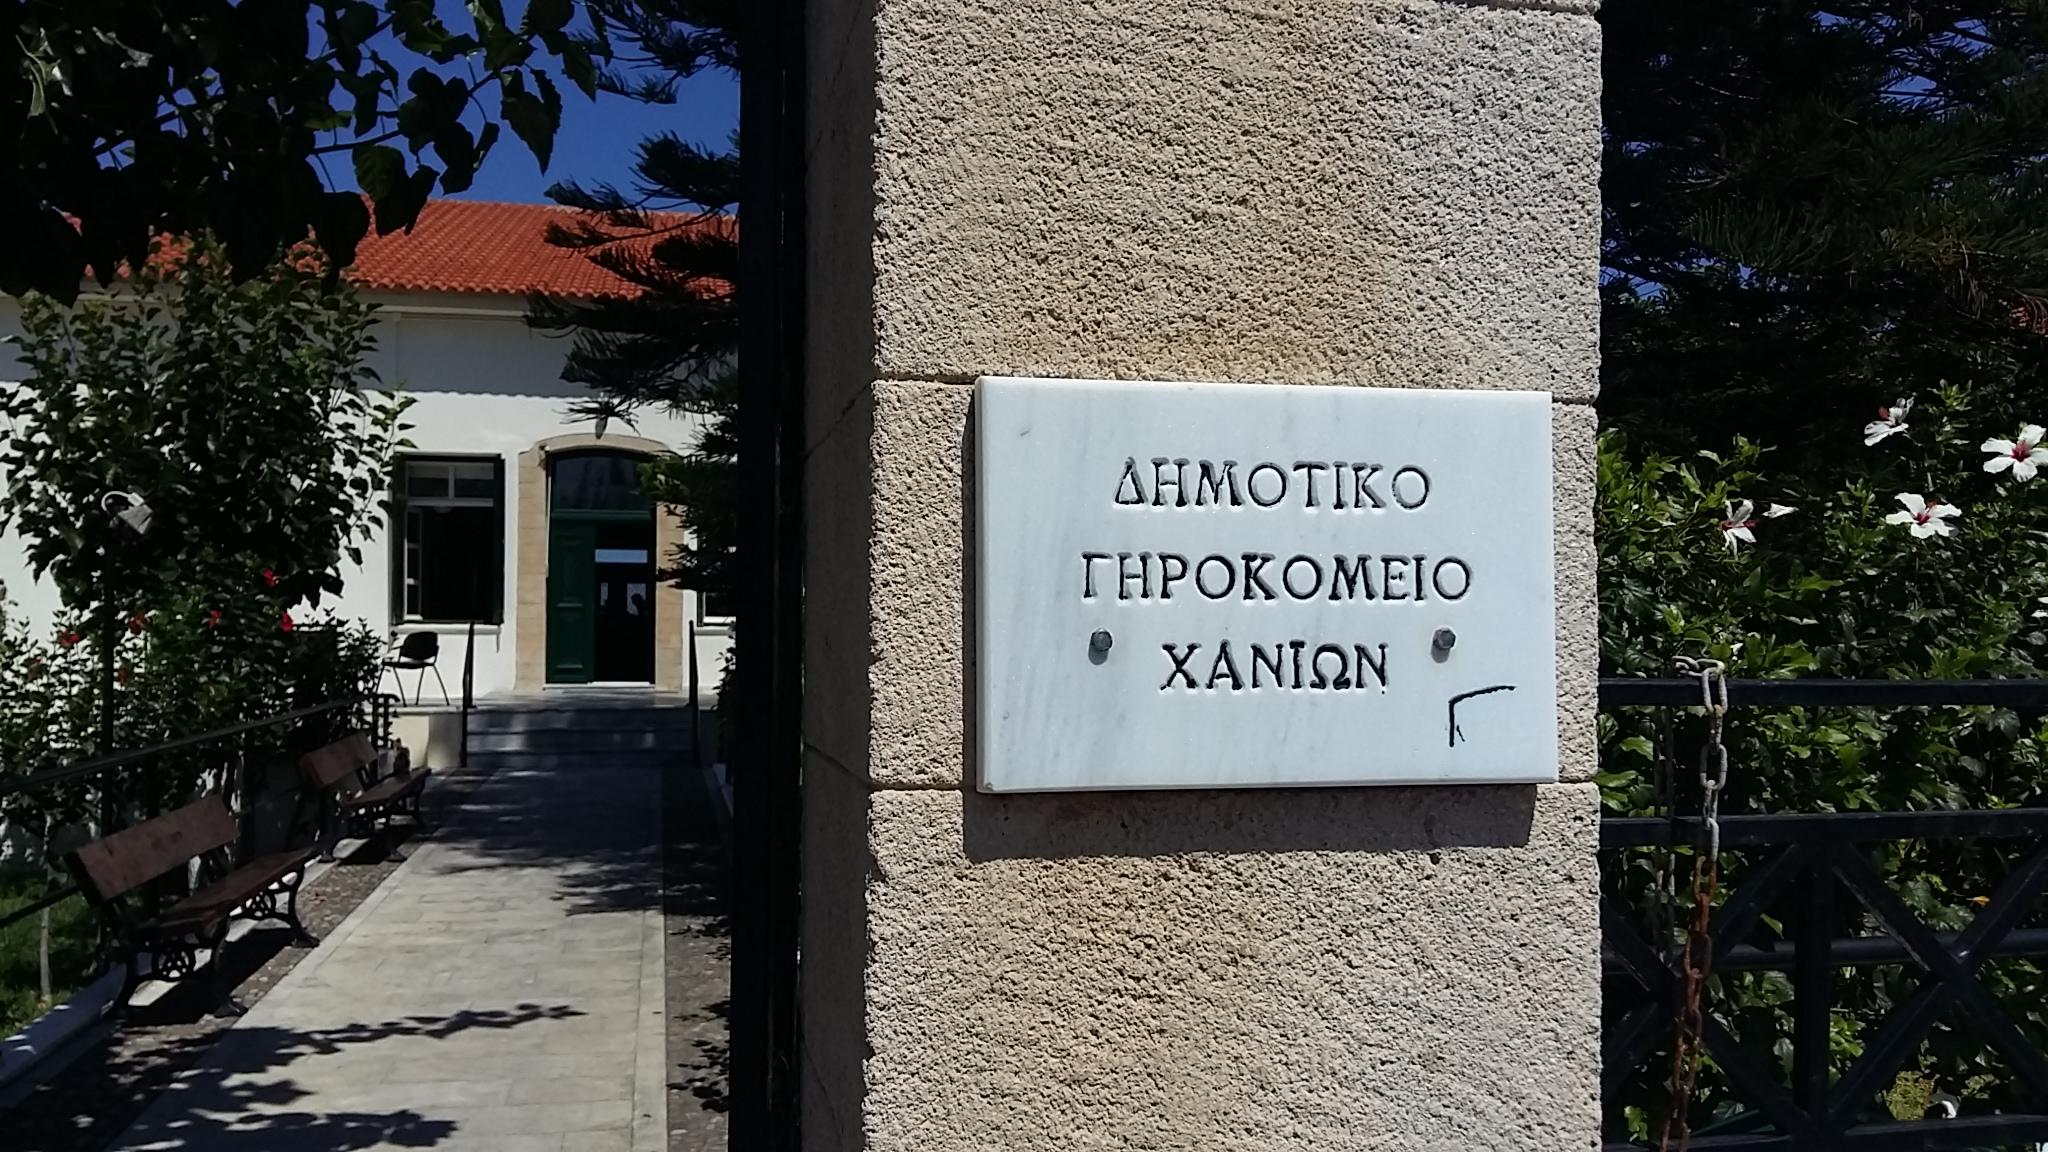 Κρούσματα κορωνοϊού στο Δημοτικό Γηροκομείο Χανίων... - Flashnews.gr